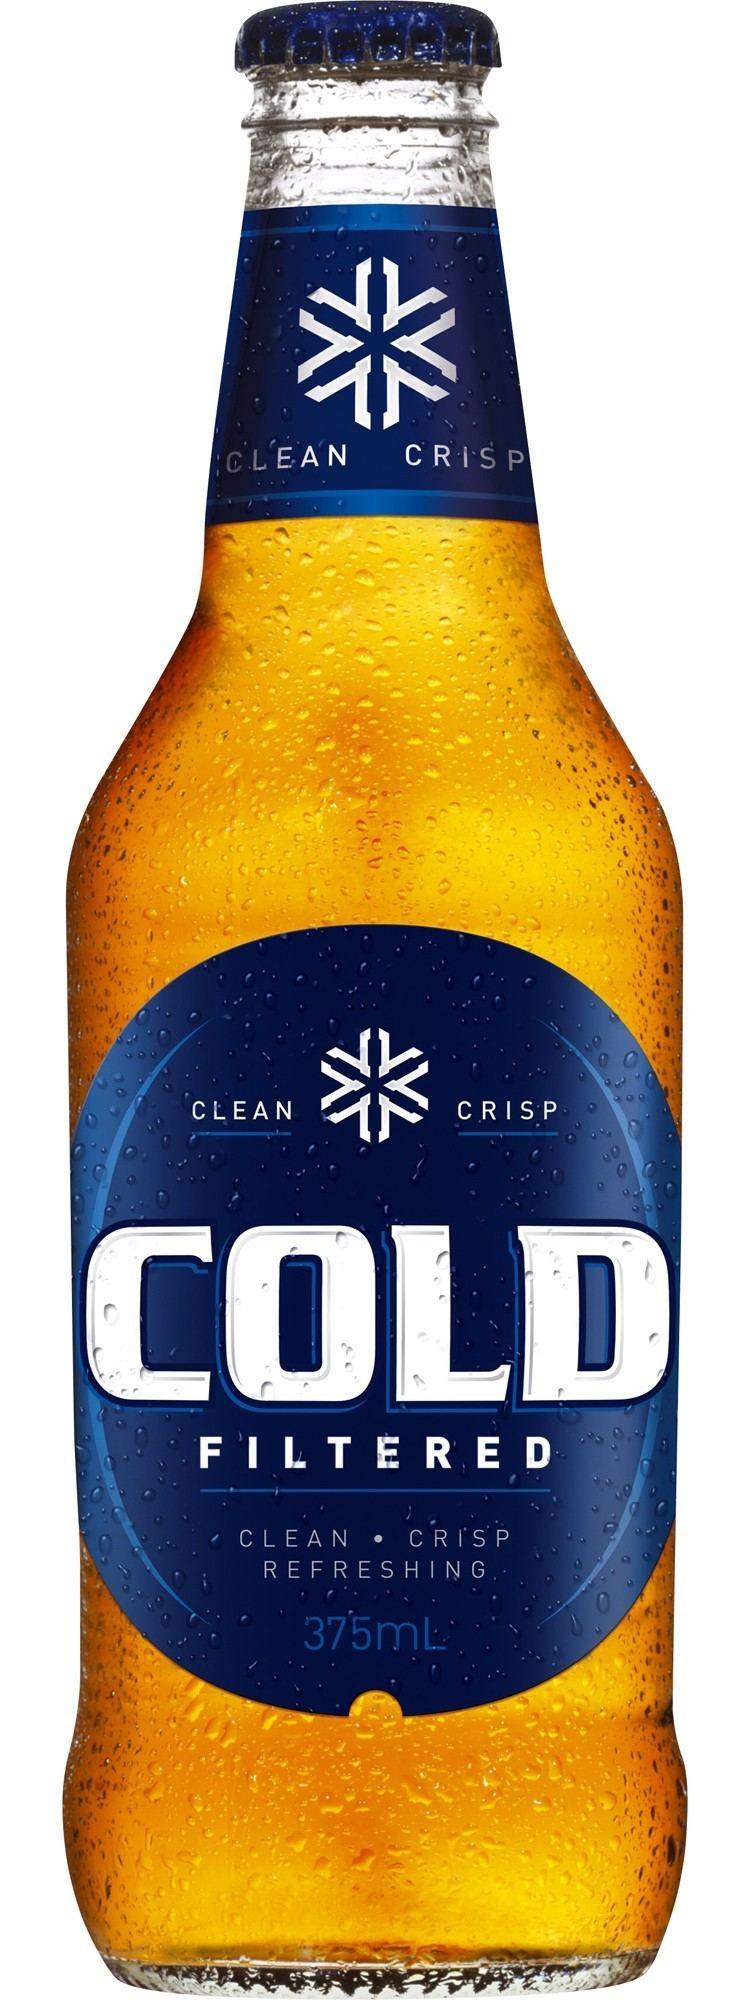 Carlton Cold Carlton Cold 4 24 x 375ml Bottles Carton